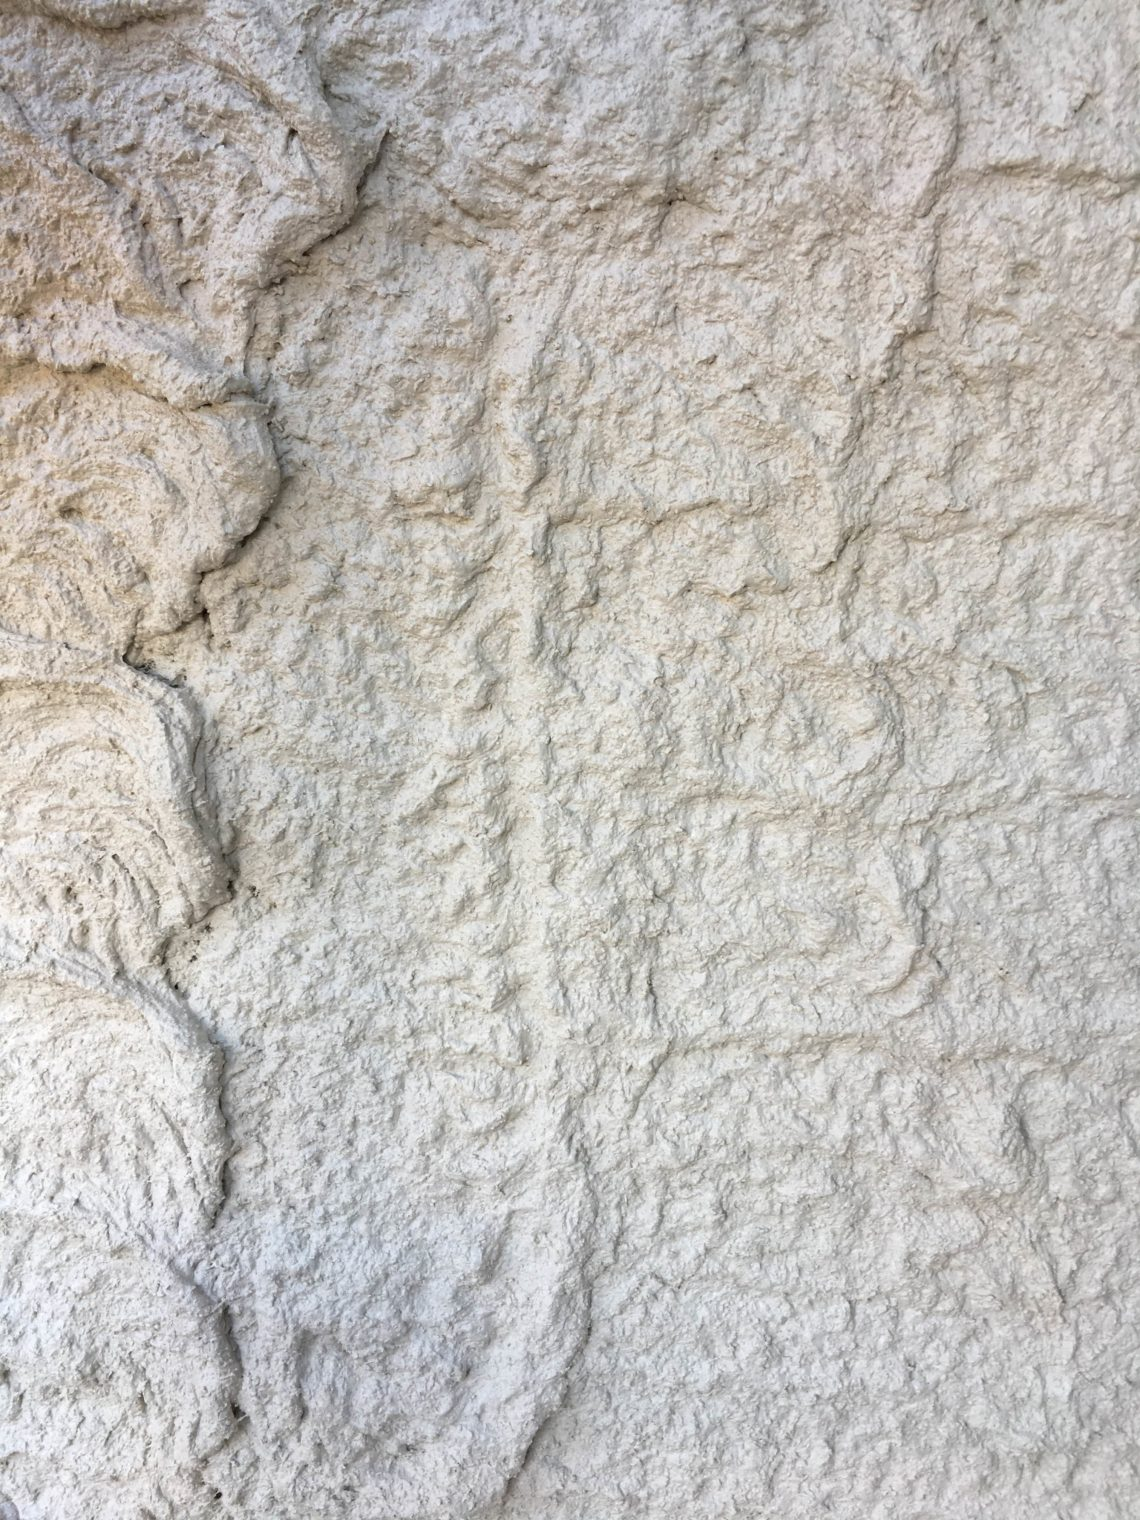 Urbel-enduit-facade-Arras-4-1140x1520.jpg